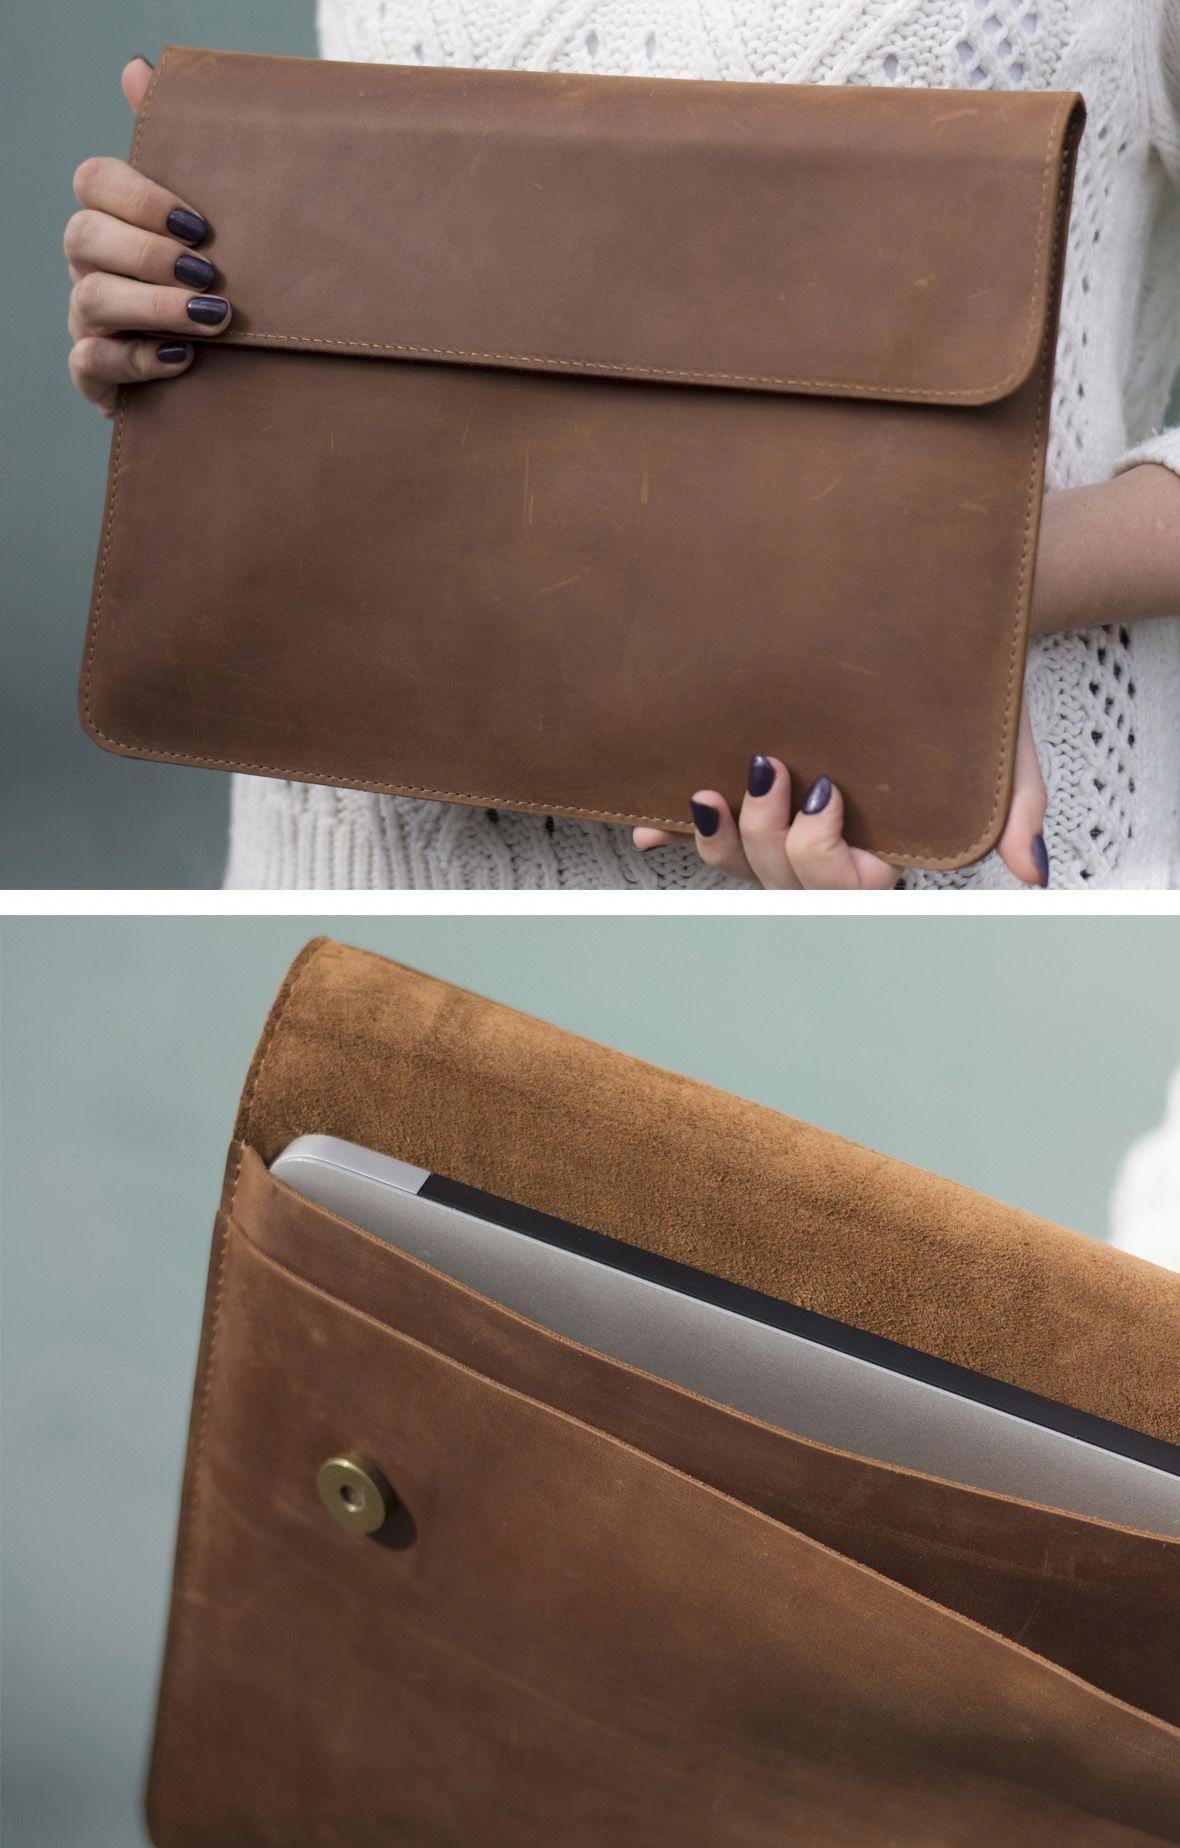 apple macbook case sleeve holder macbookpro